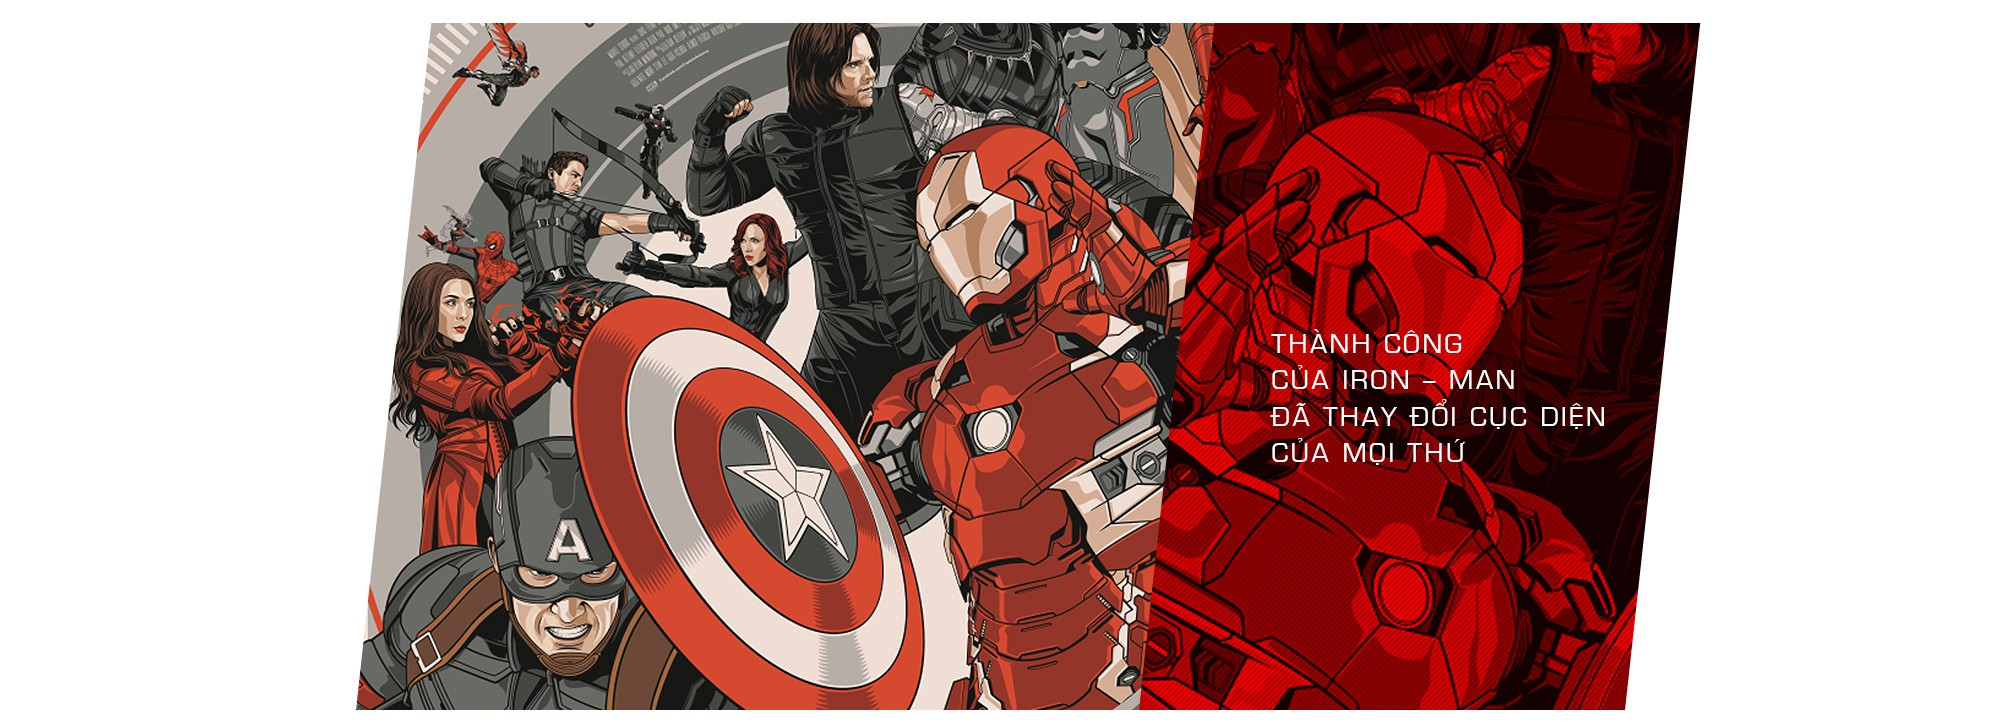 10 năm đi vào lịch sử làng điện ảnh của Marvel: Kỳ tích từ vực sâu phá sản cho đến người khổng lồ của đế chế phim siêu anh hùng - Ảnh 6.